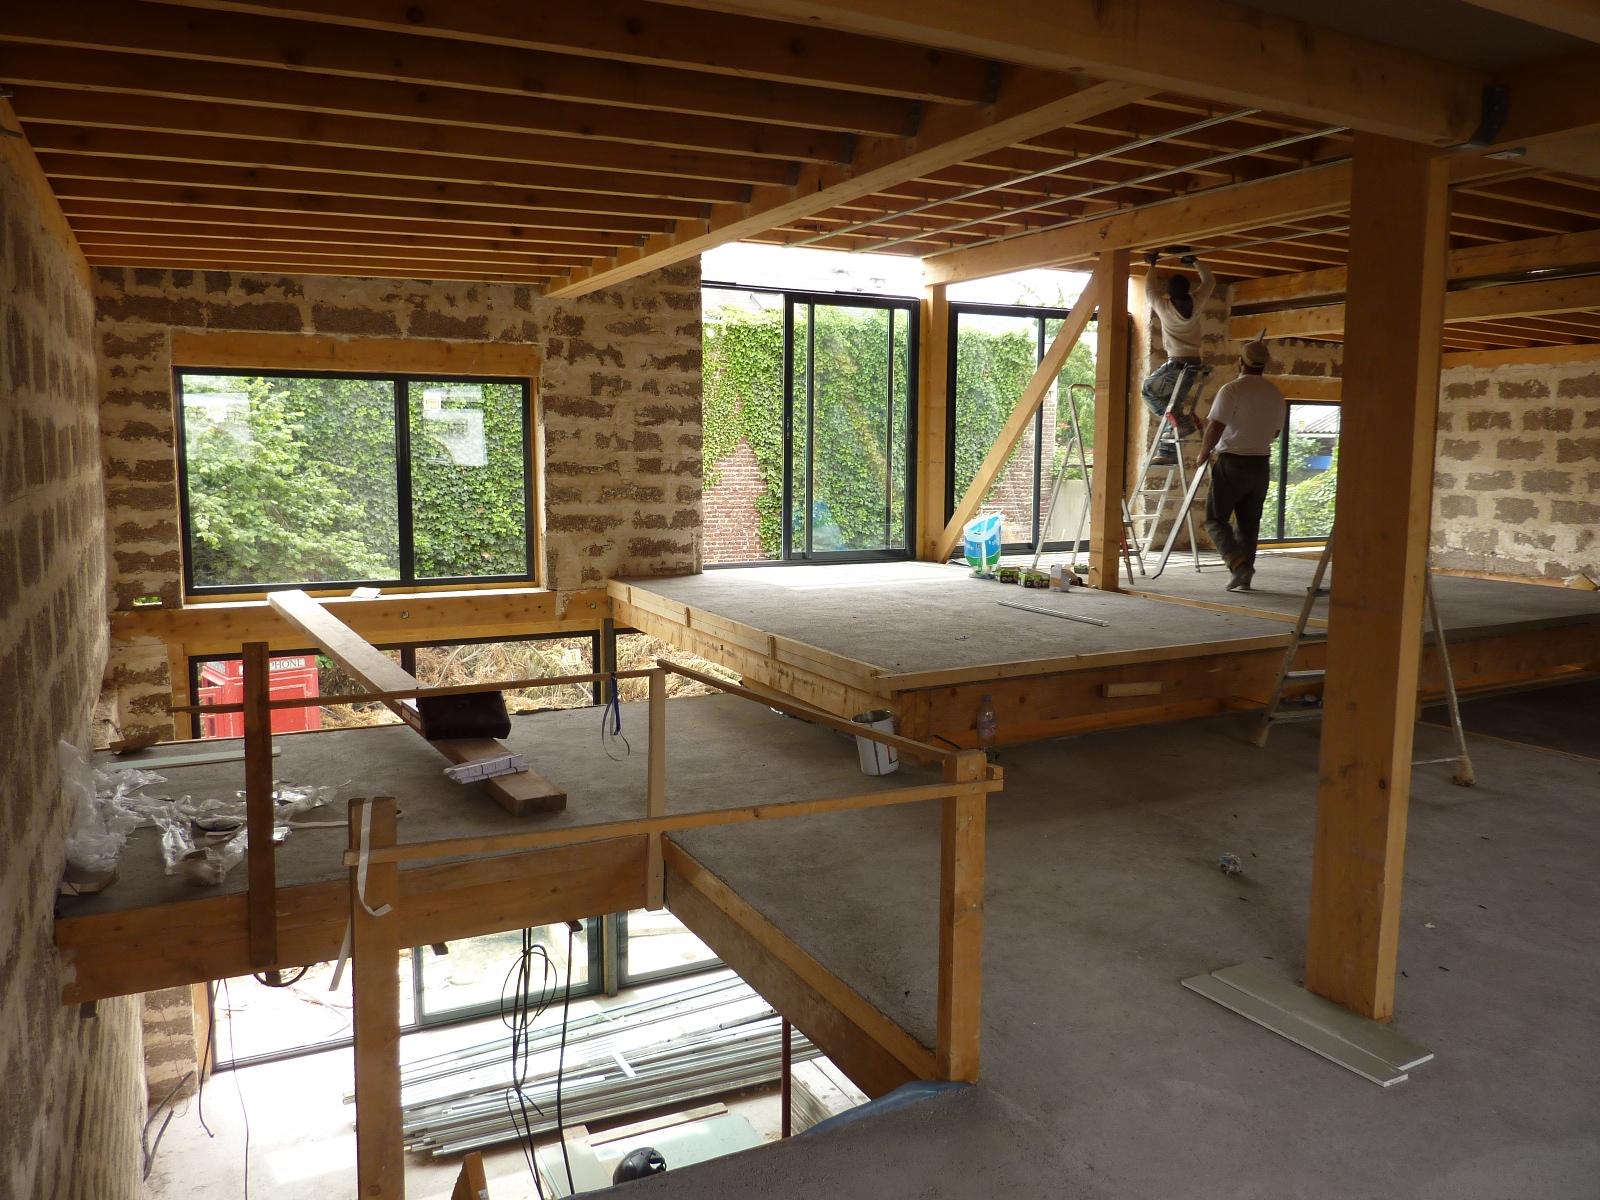 Pz c interieur maison for Maison bioclimatique